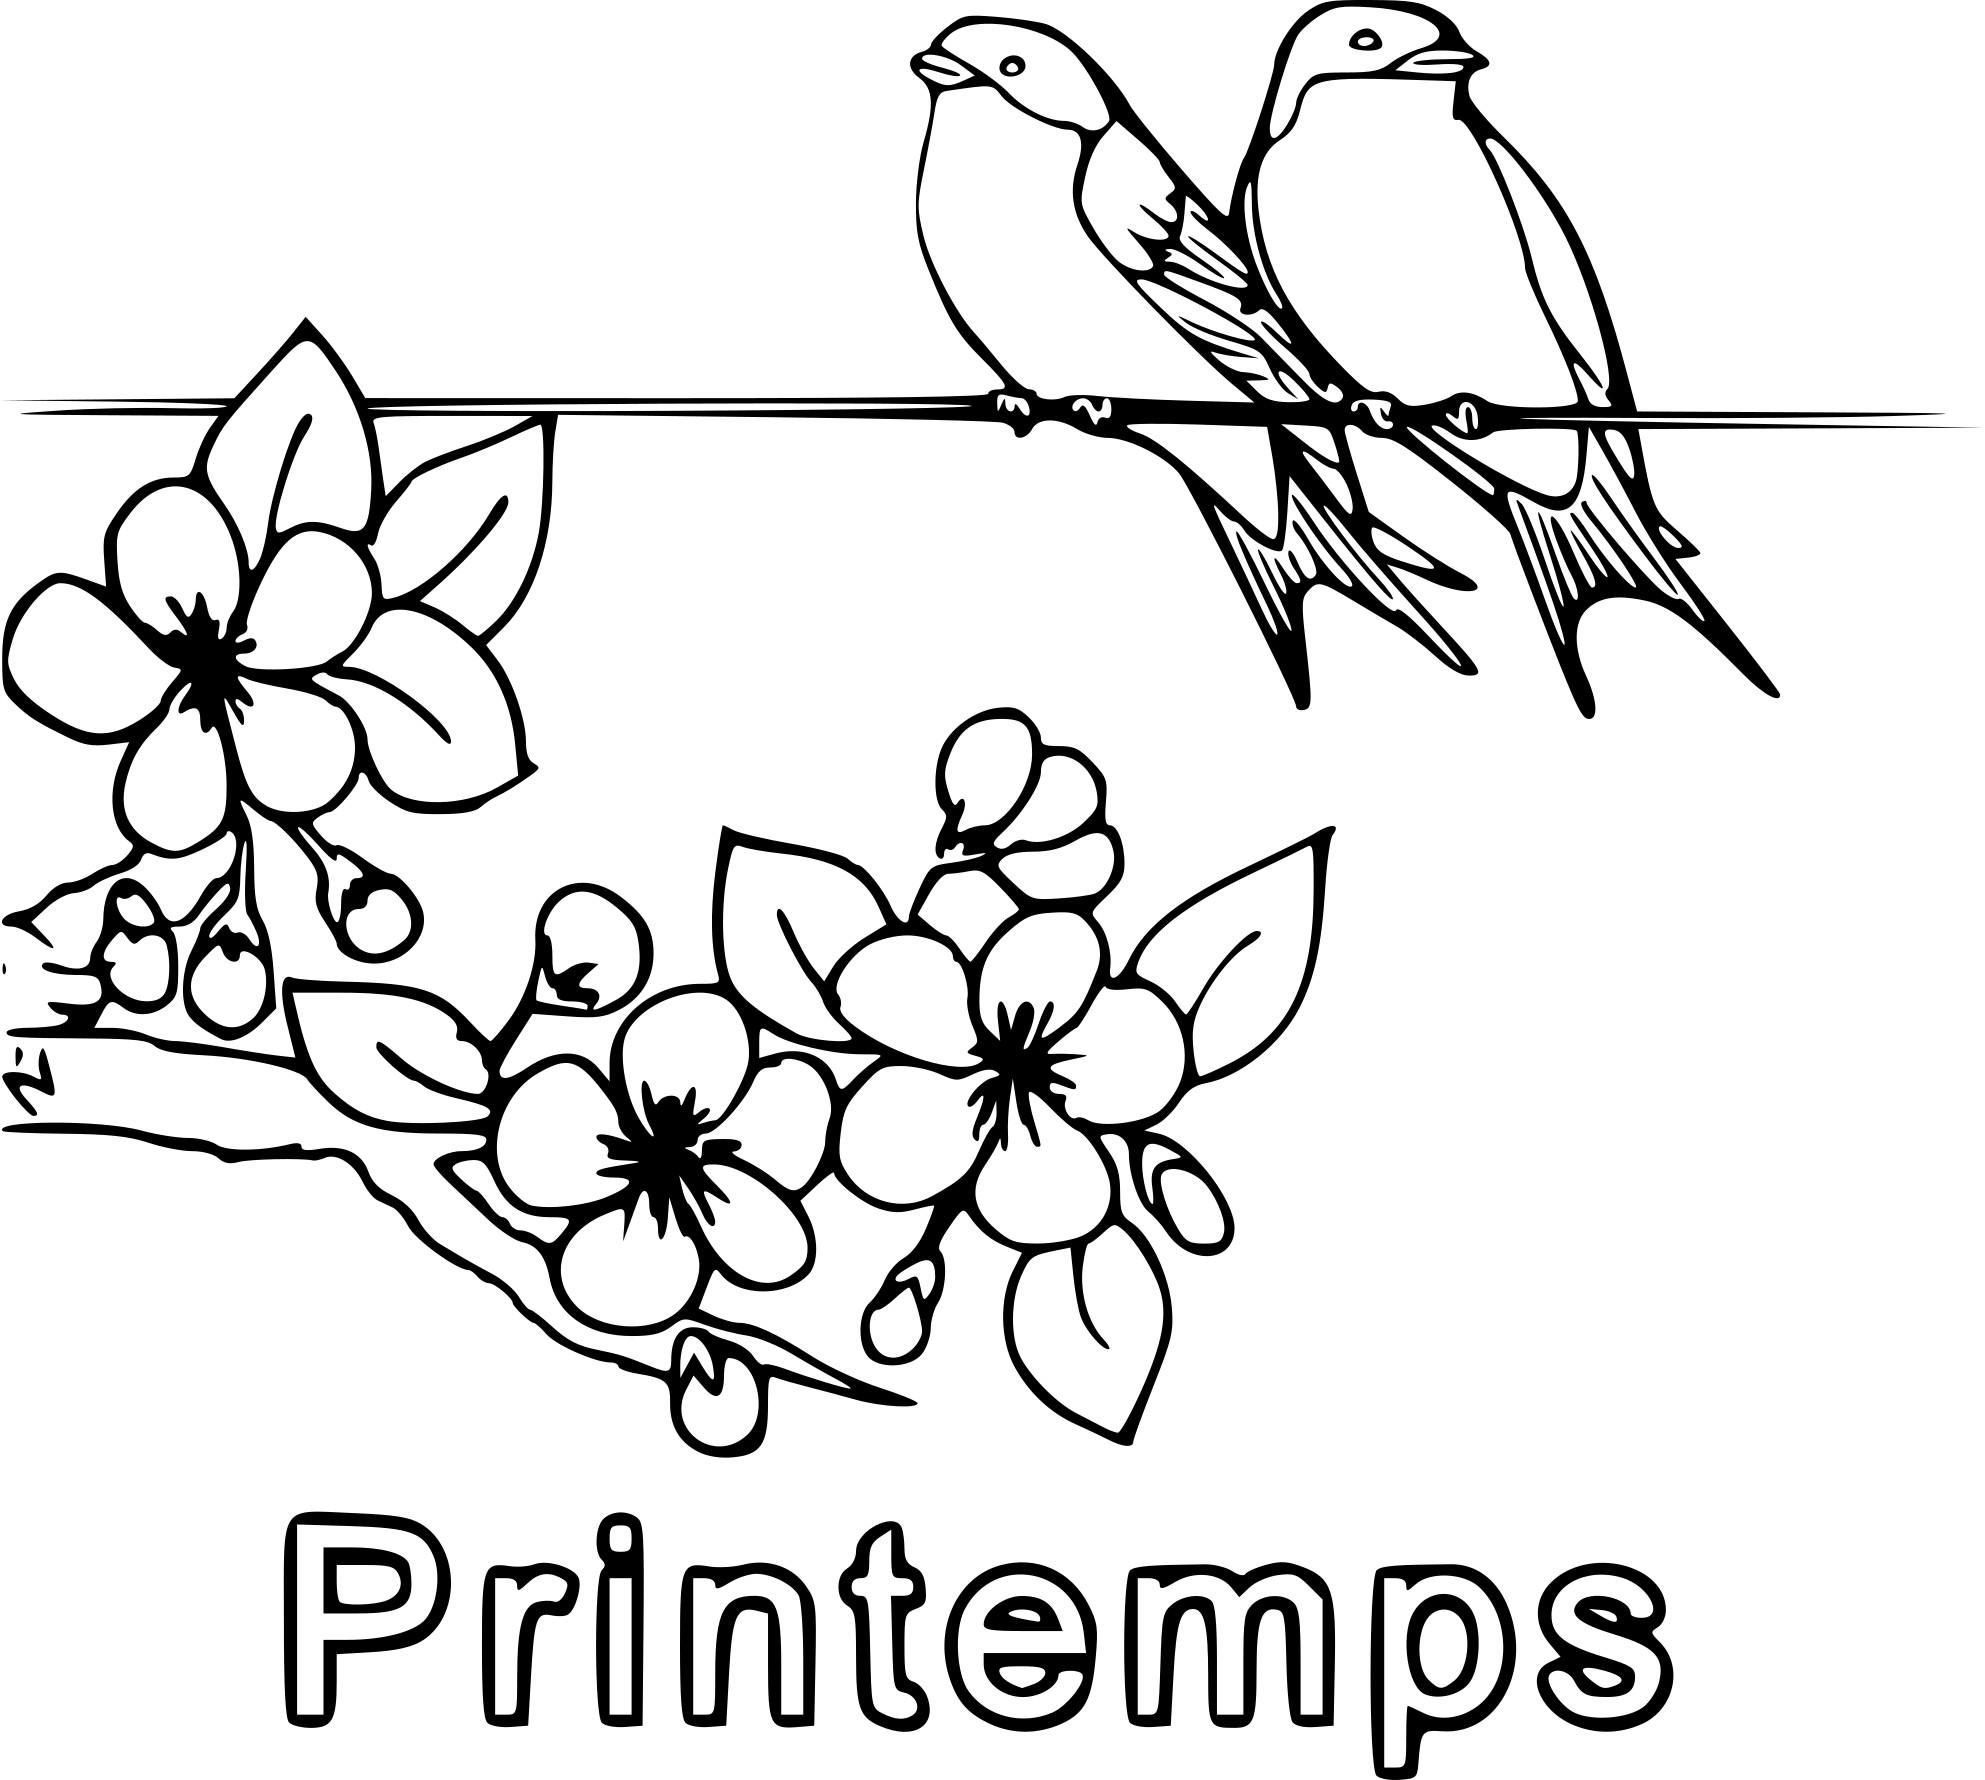 Coloriage oiseau printemps imprimer - Coloriage mandala printemps ...